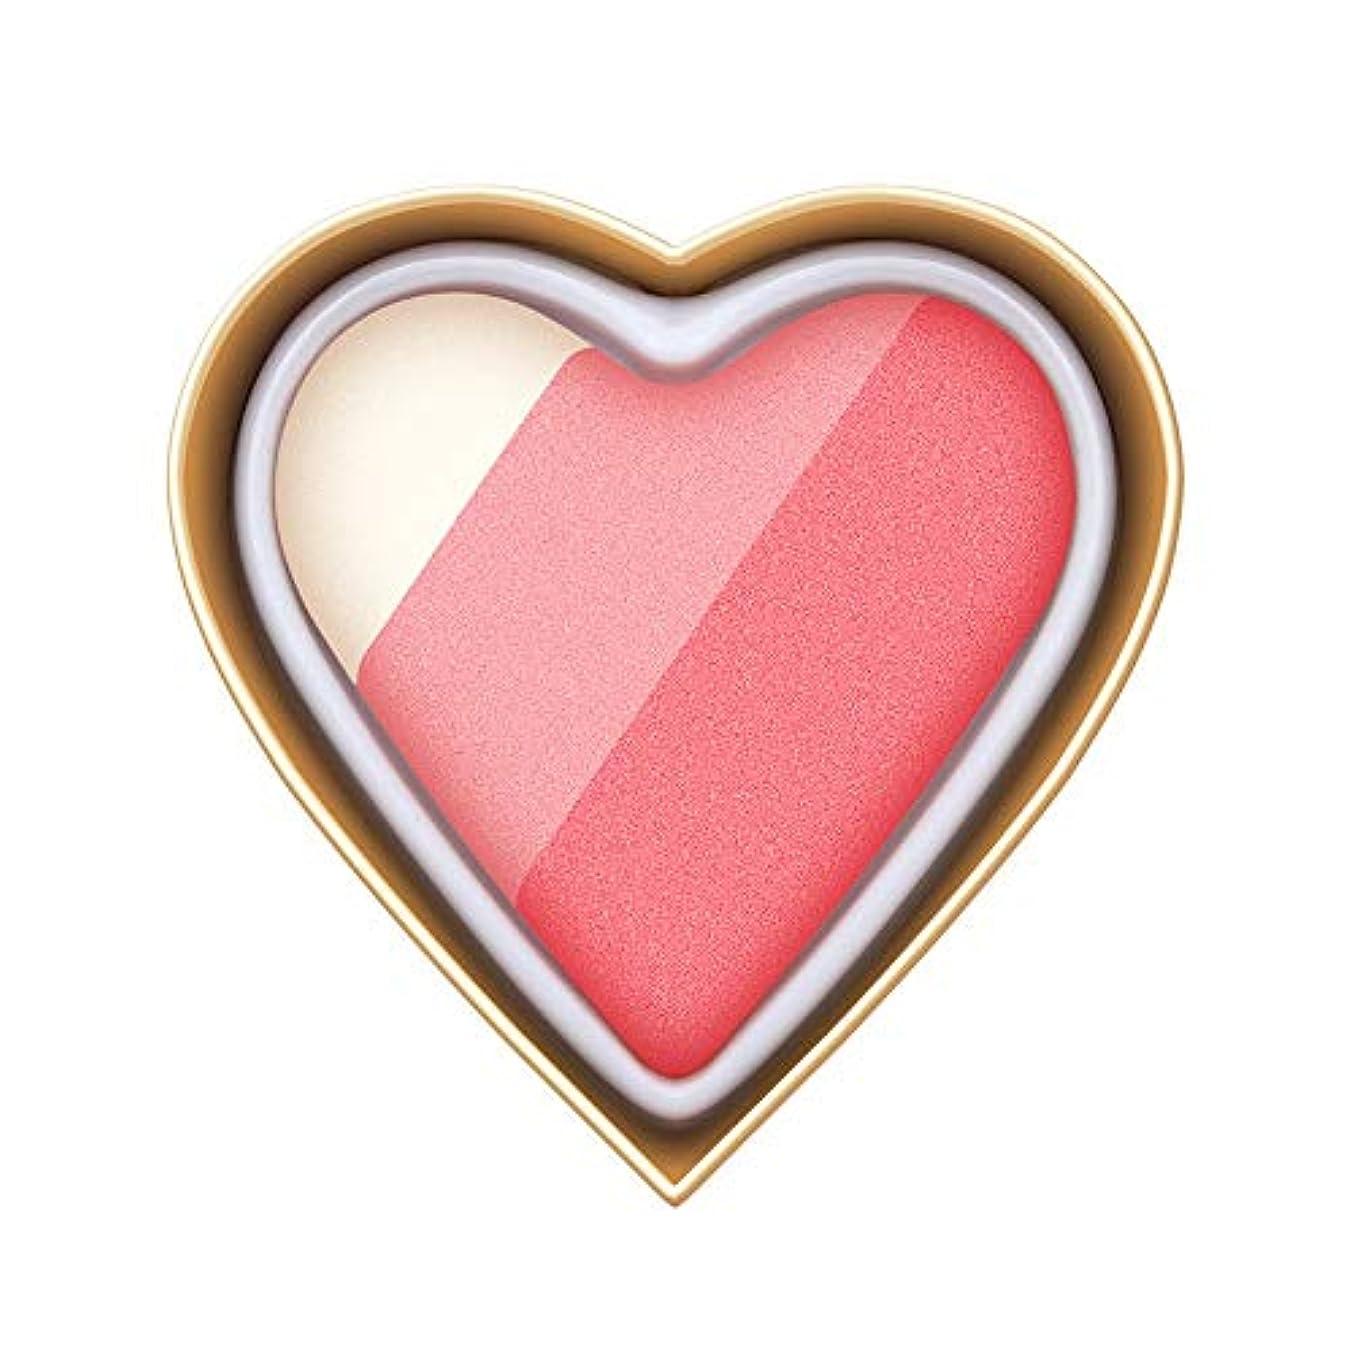 アラブサラボの慈悲で燃やすFlorrita 女性 ハート型 アイシャドー パレット 優しい色 レインボー色 愛の少女系 ハイライトパウダー アイシャドー 発色が素晴らしい アイシャドウパレット シャドー ブラッシュ 携帯便利 プレゼント (D)